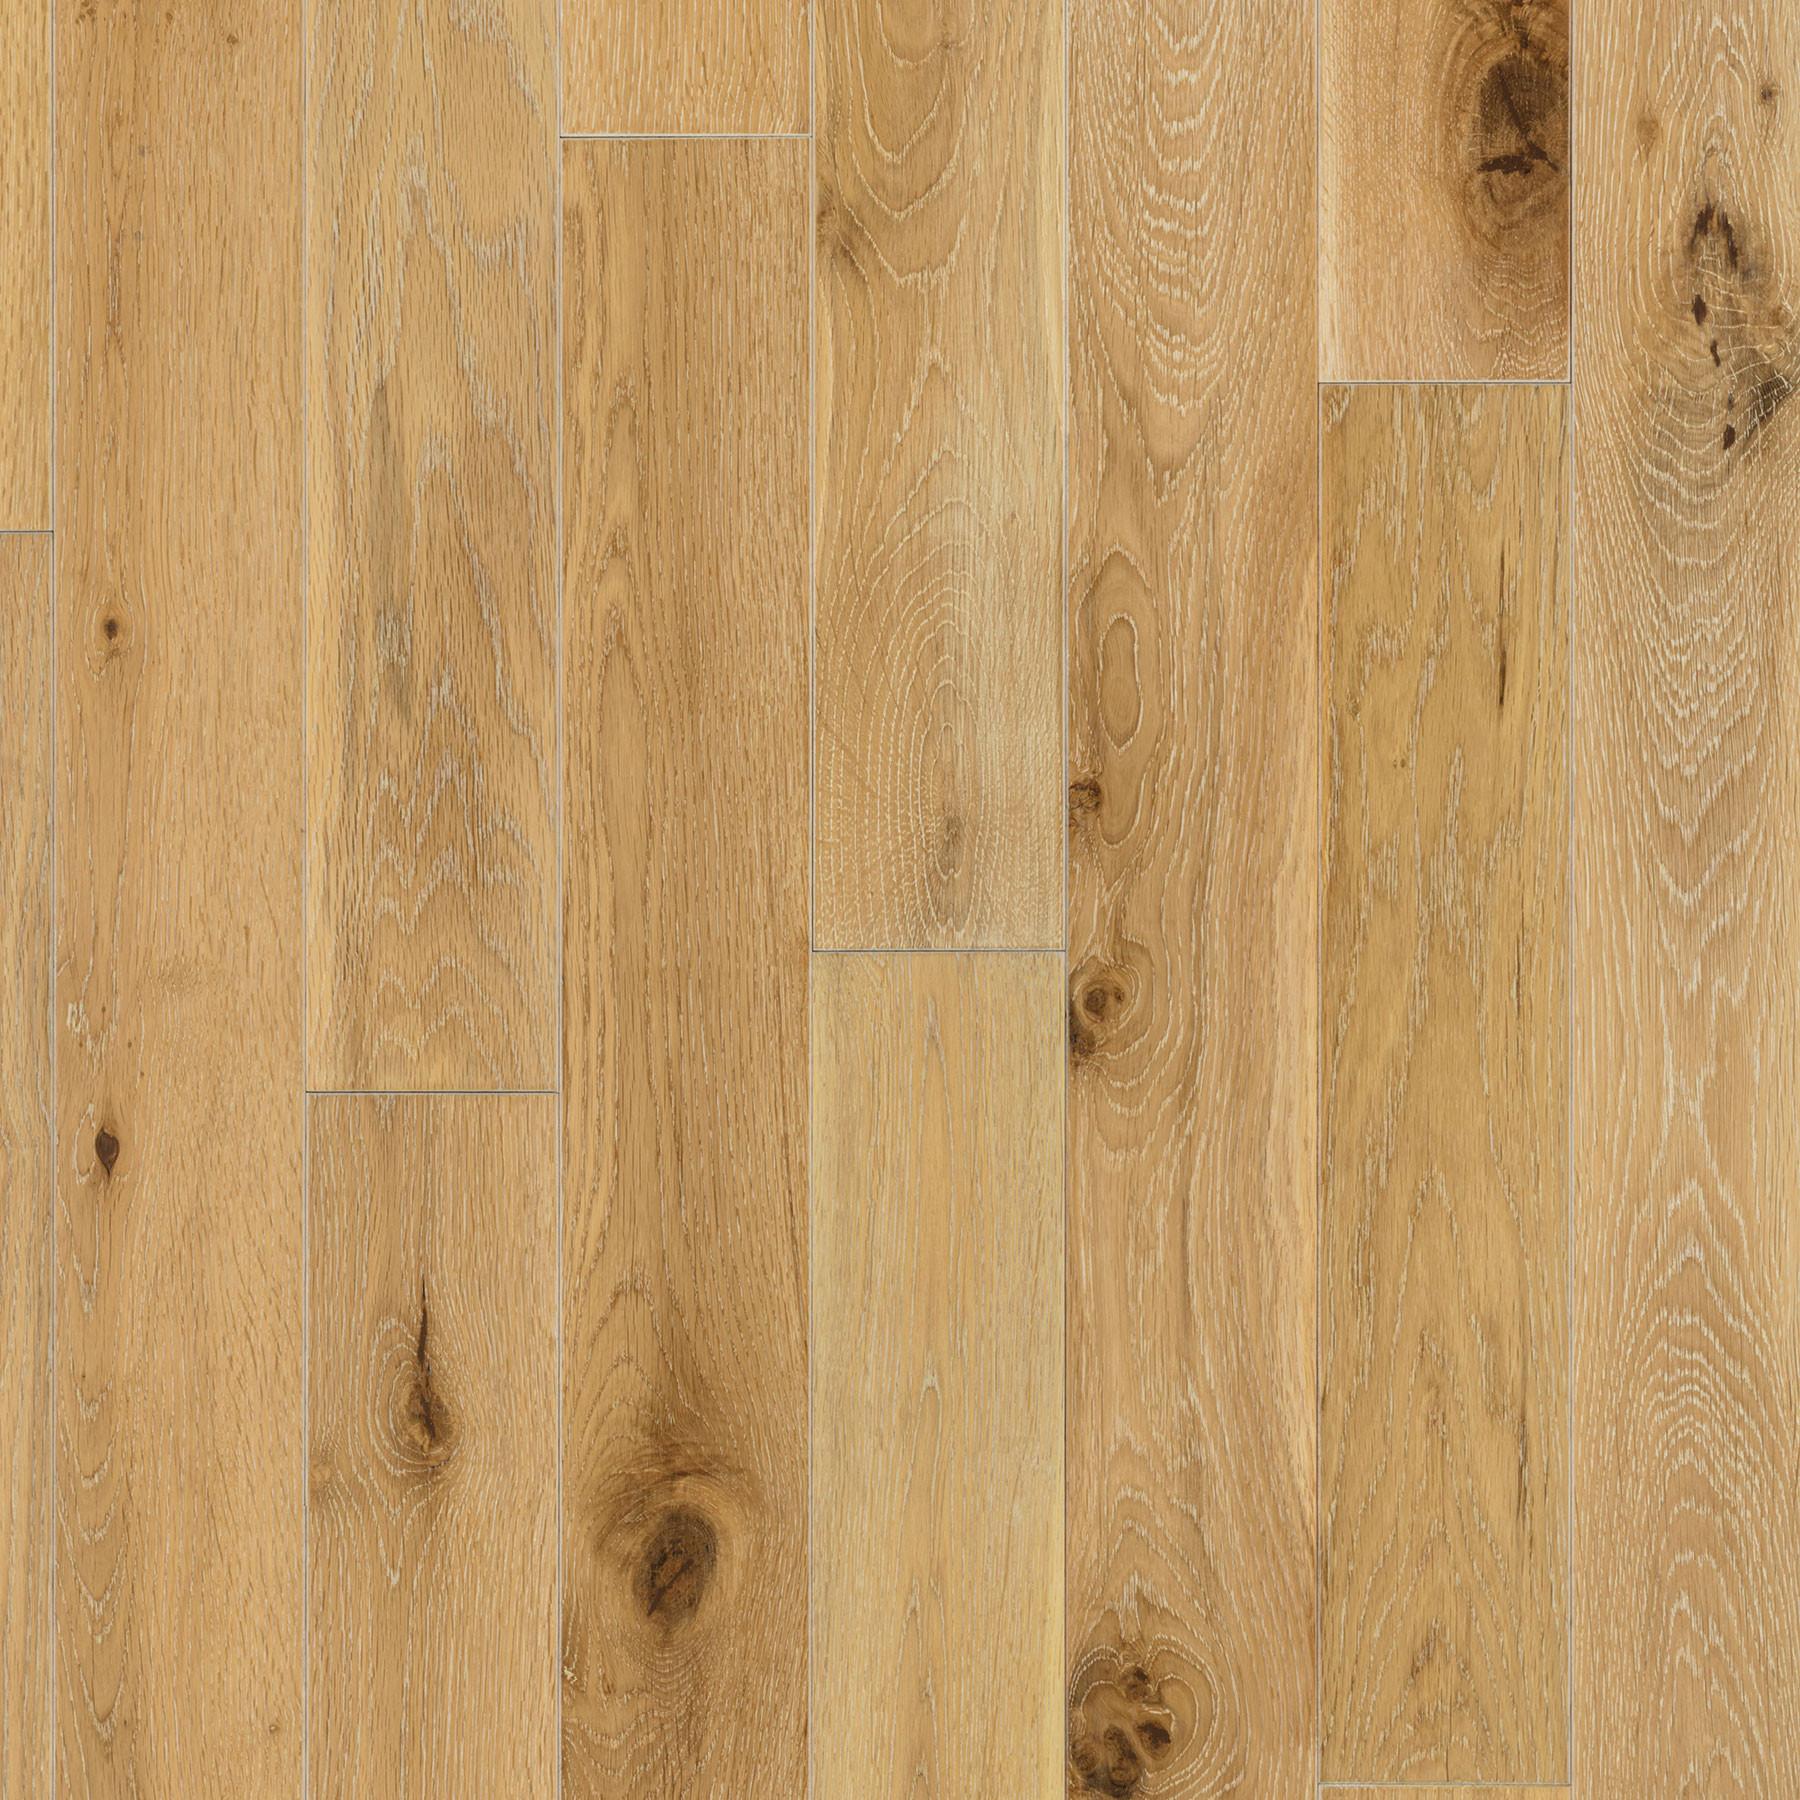 3 8 Oak Hardwood Flooring Of Harbor Oak 3 1 2″ White Oak White Washed Etx Surfaces Throughout Harbor Oak 3 1 2″ White Oak White Washed